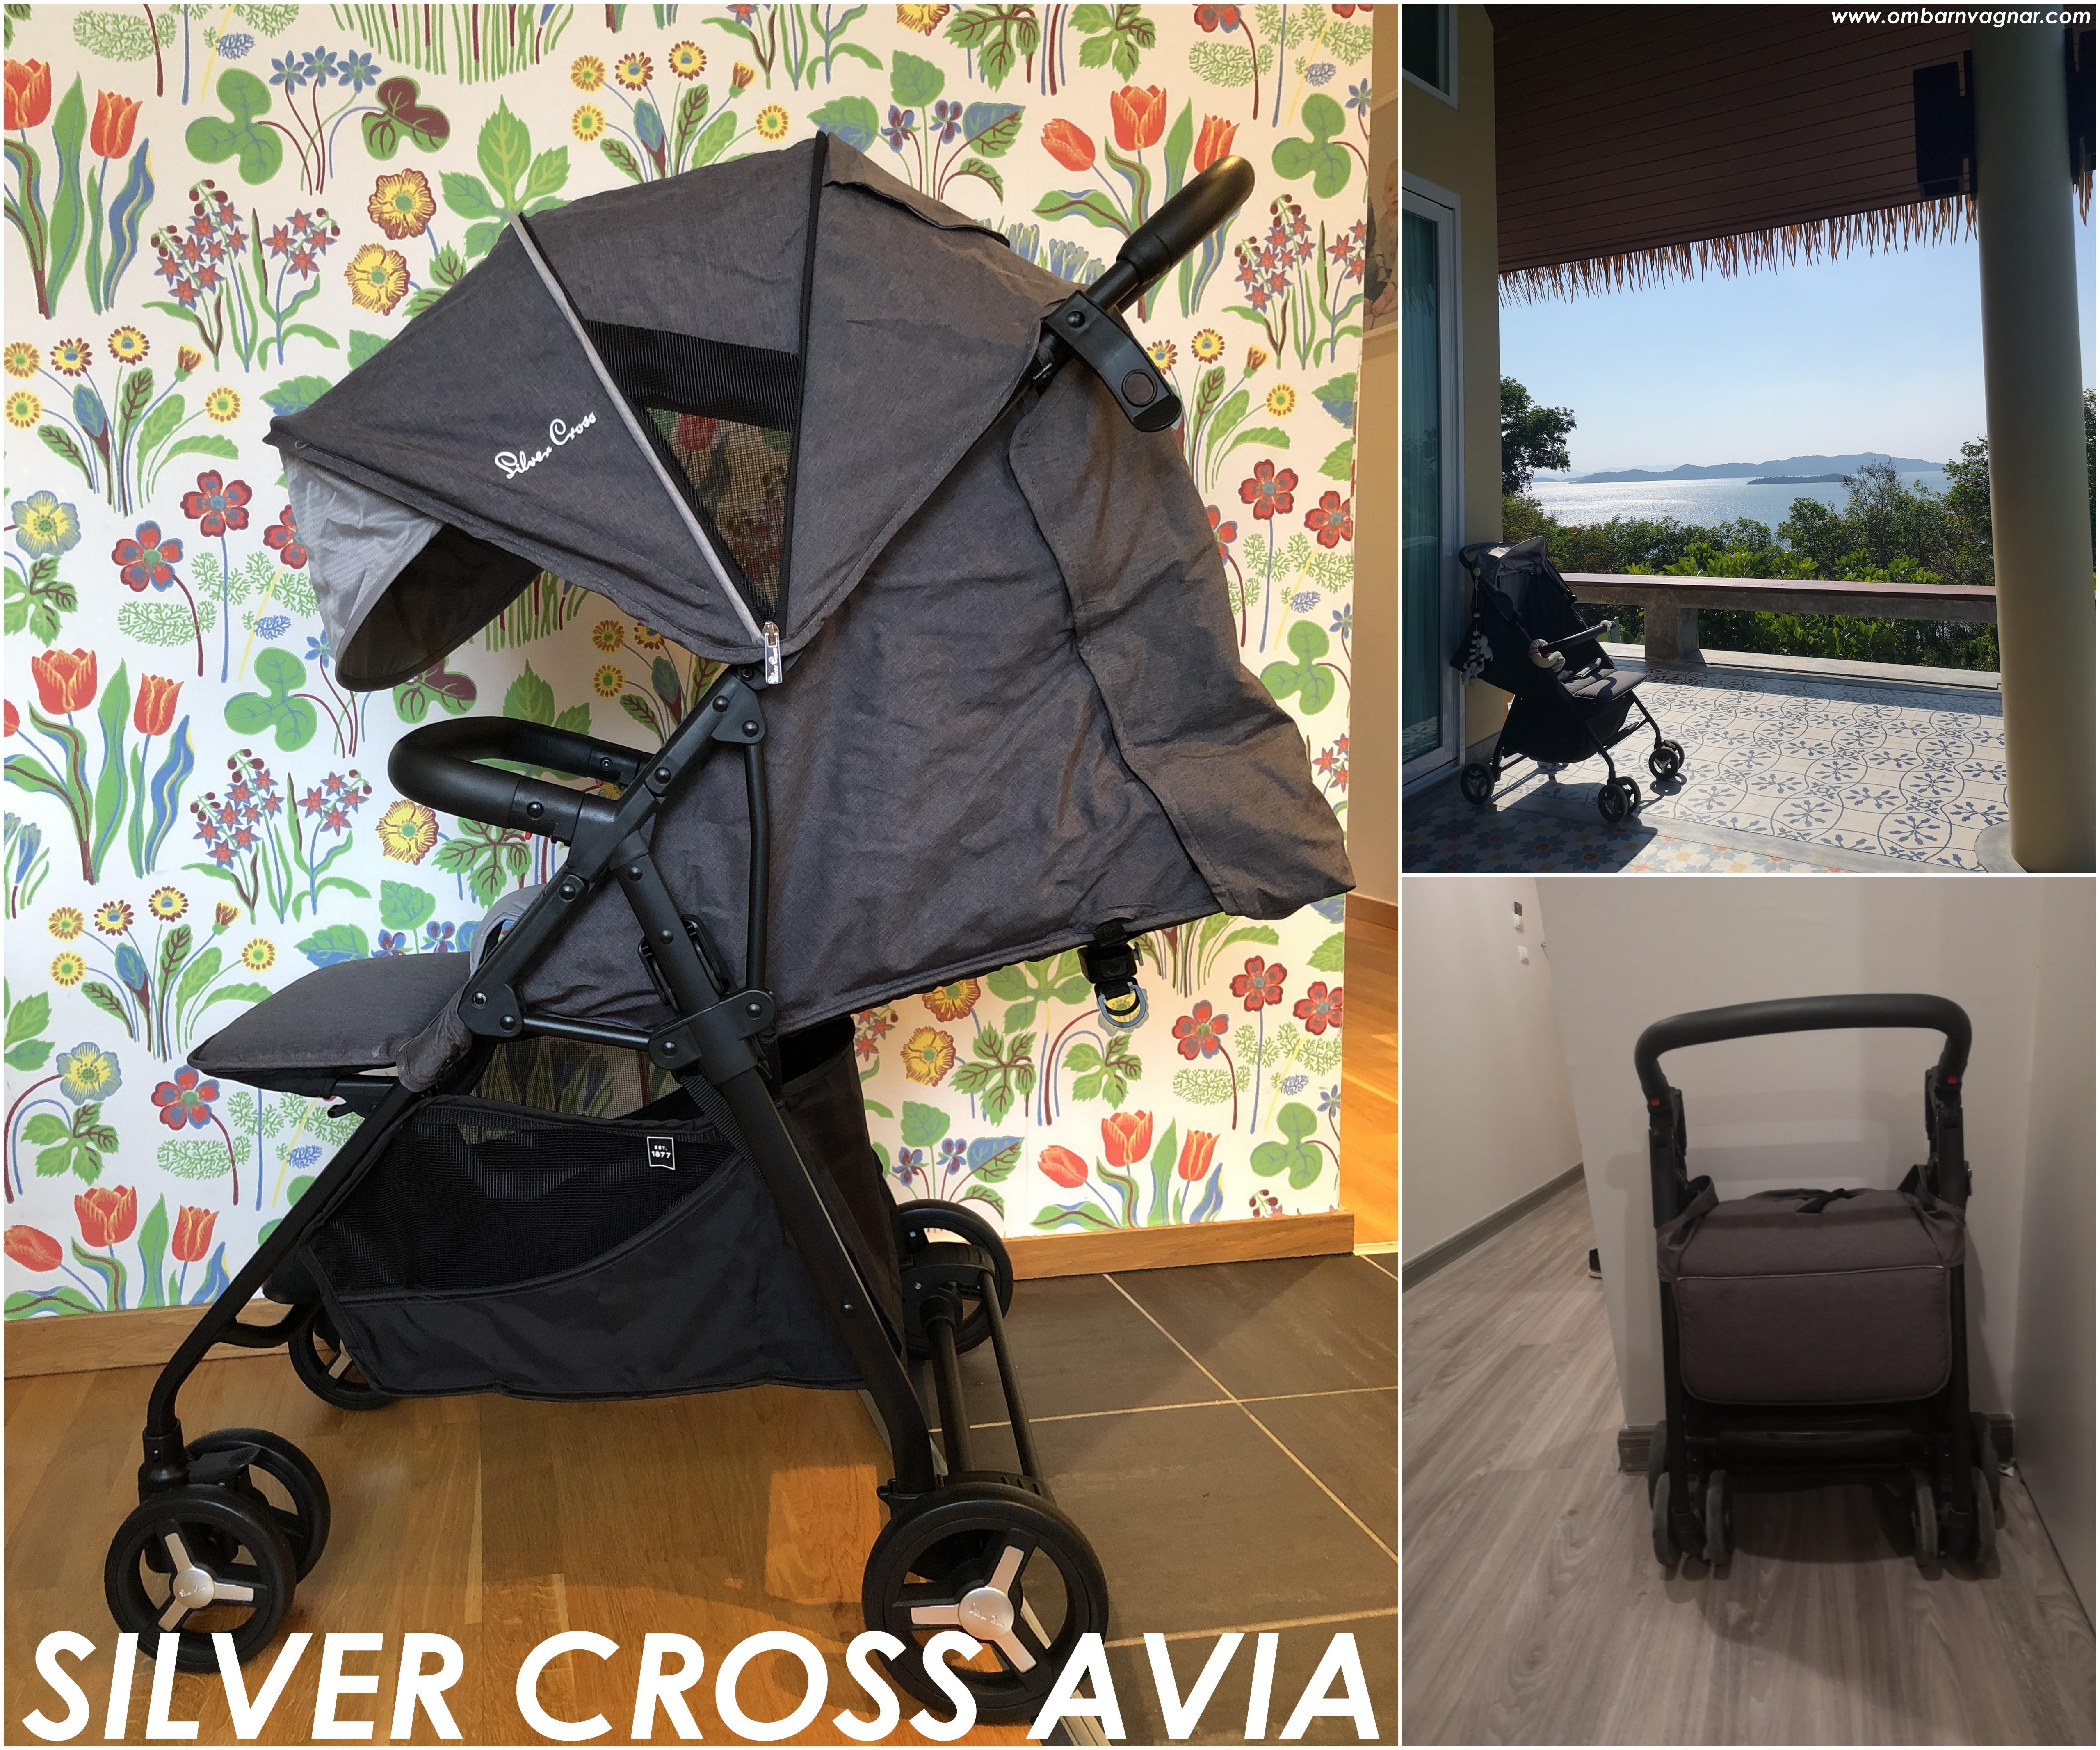 Silver Cross Avia recensioner